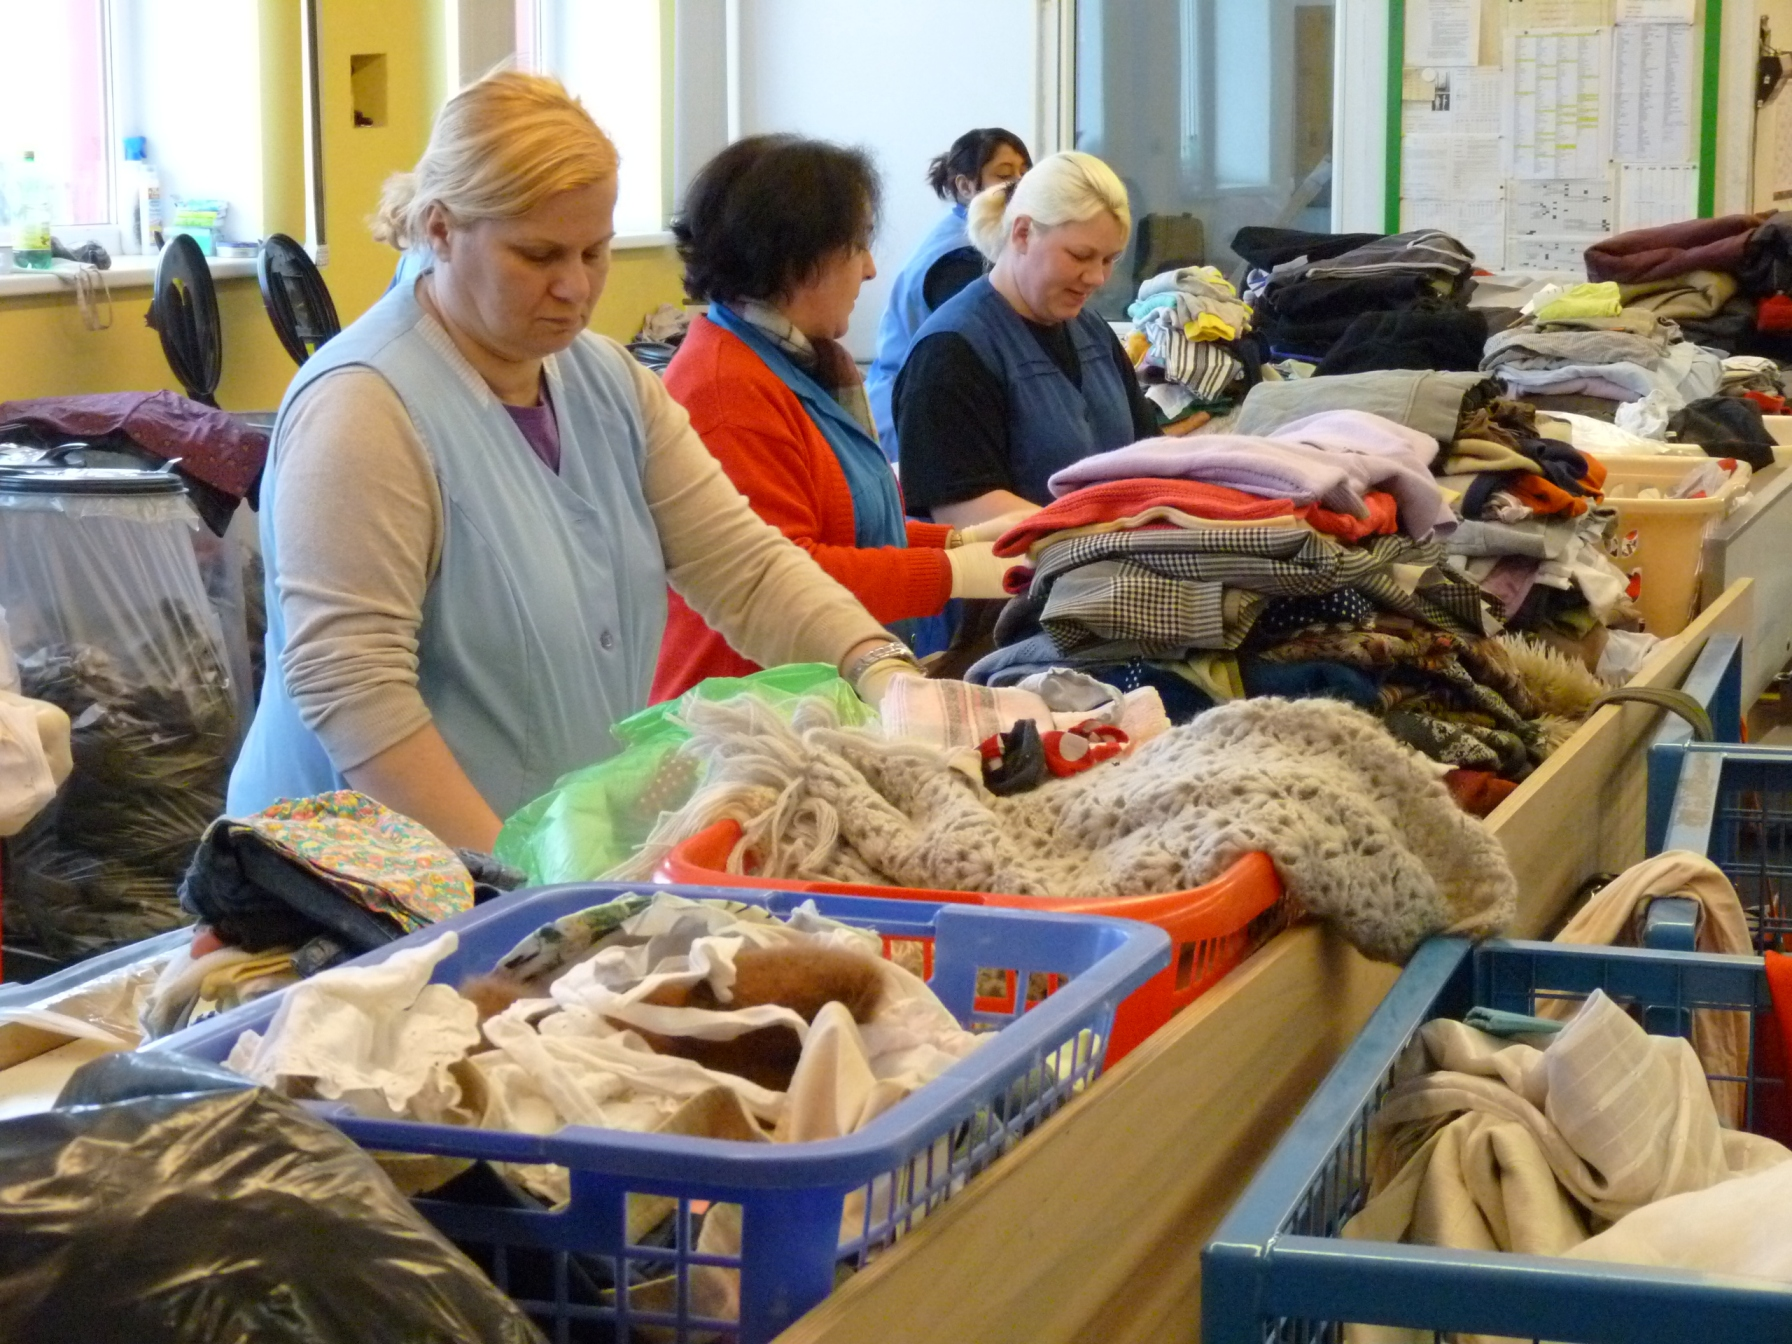 Lanzeitarbeitslose können bei der Volkshilfe zum Beispiel in der Textil-Sortierung arbeiten